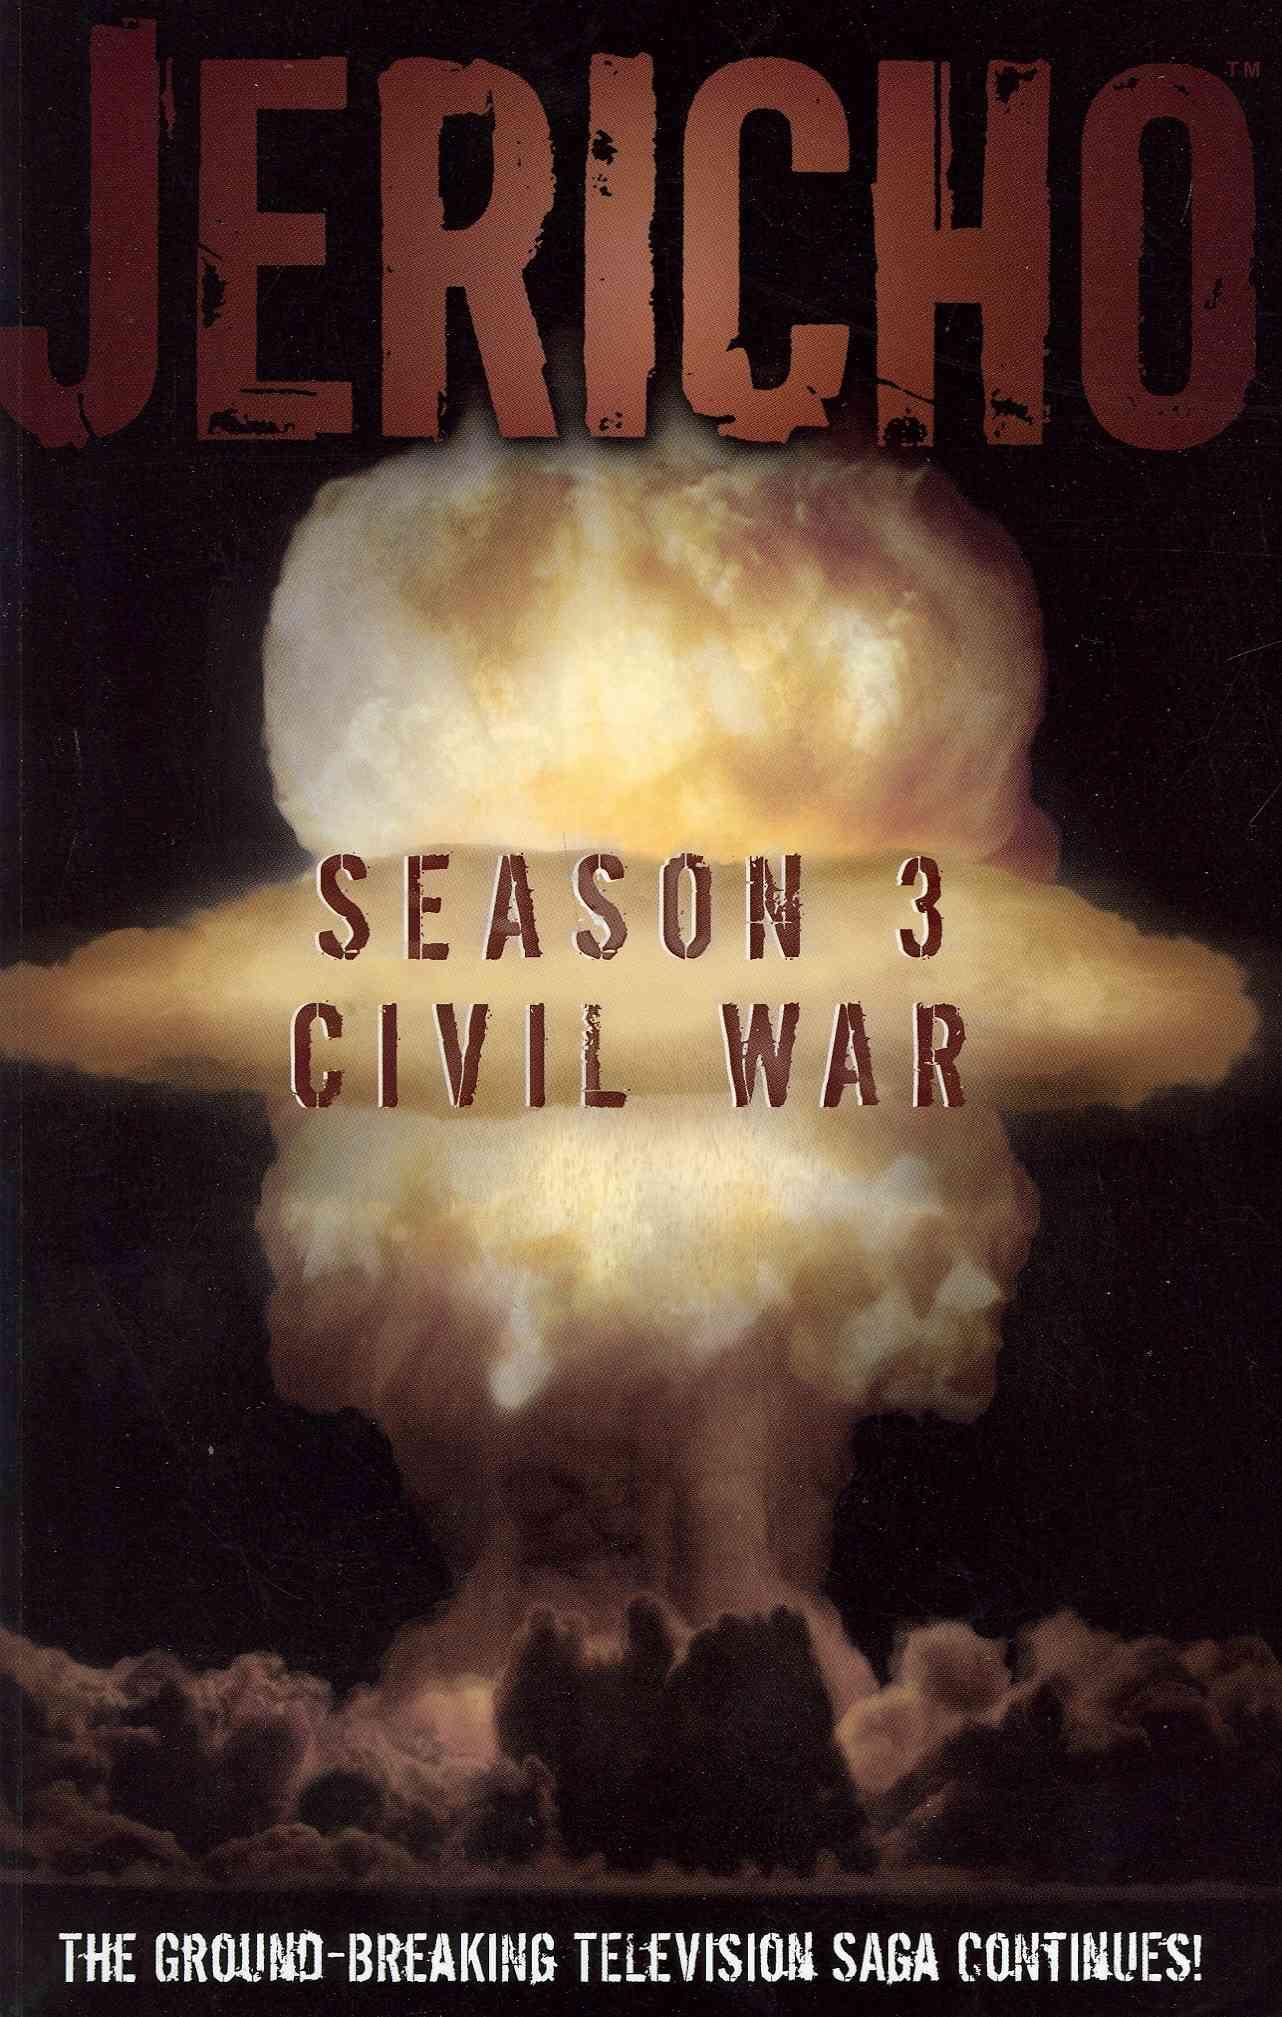 Jericho Season 3: Civil War (Paperback)